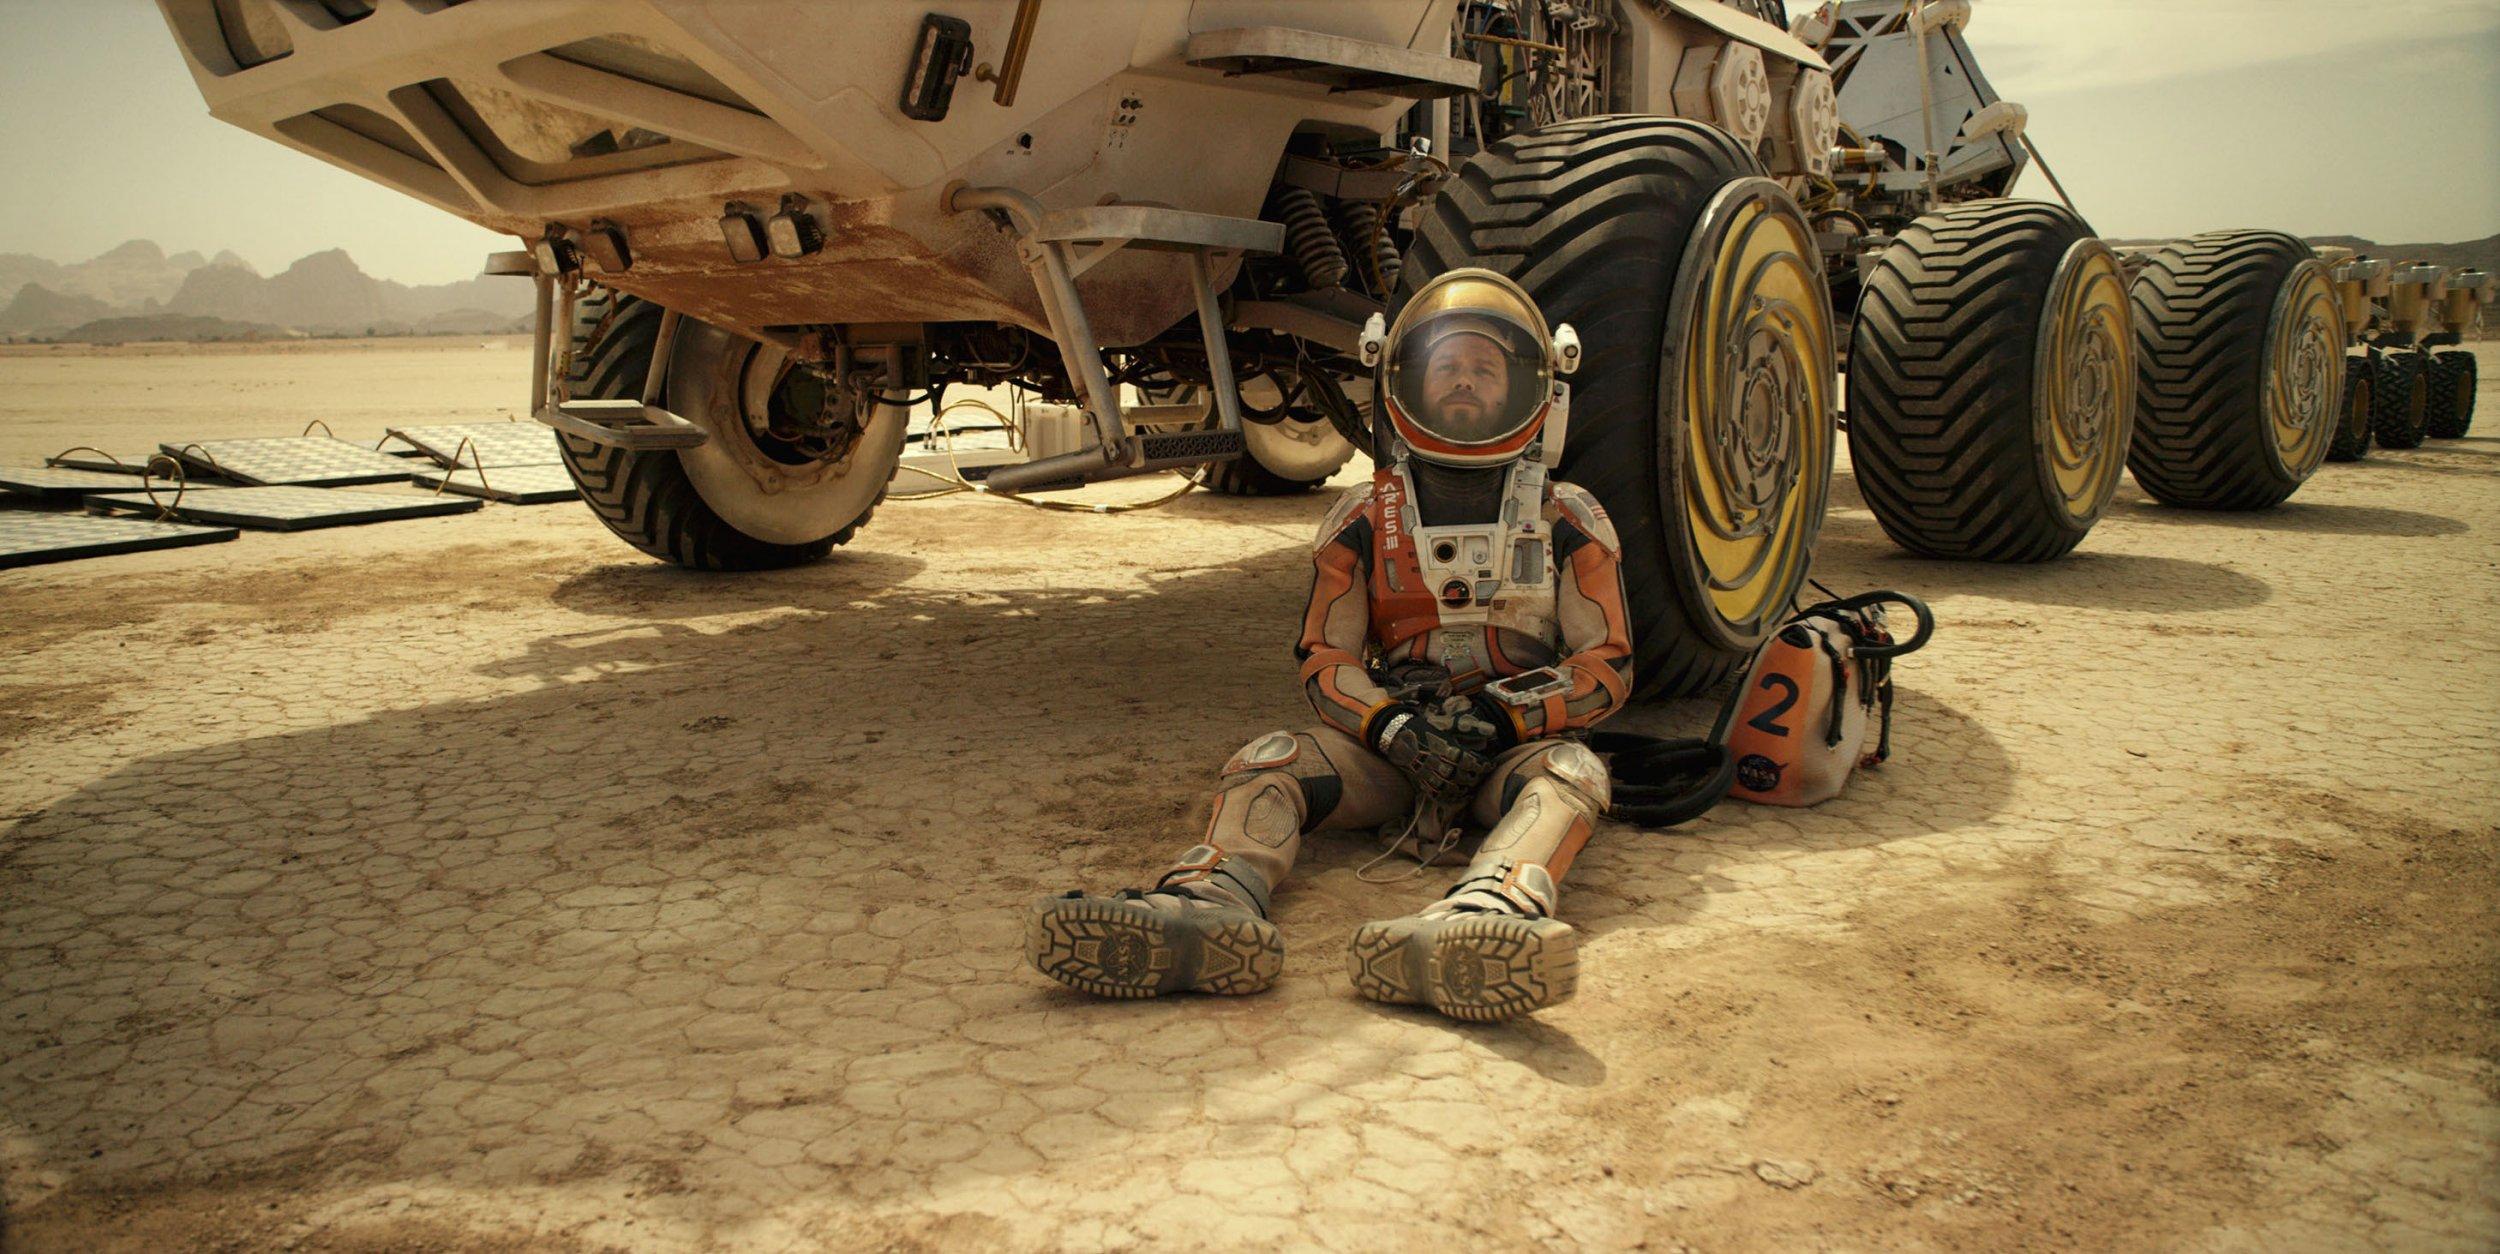 Matt Damon Spills About The Martian